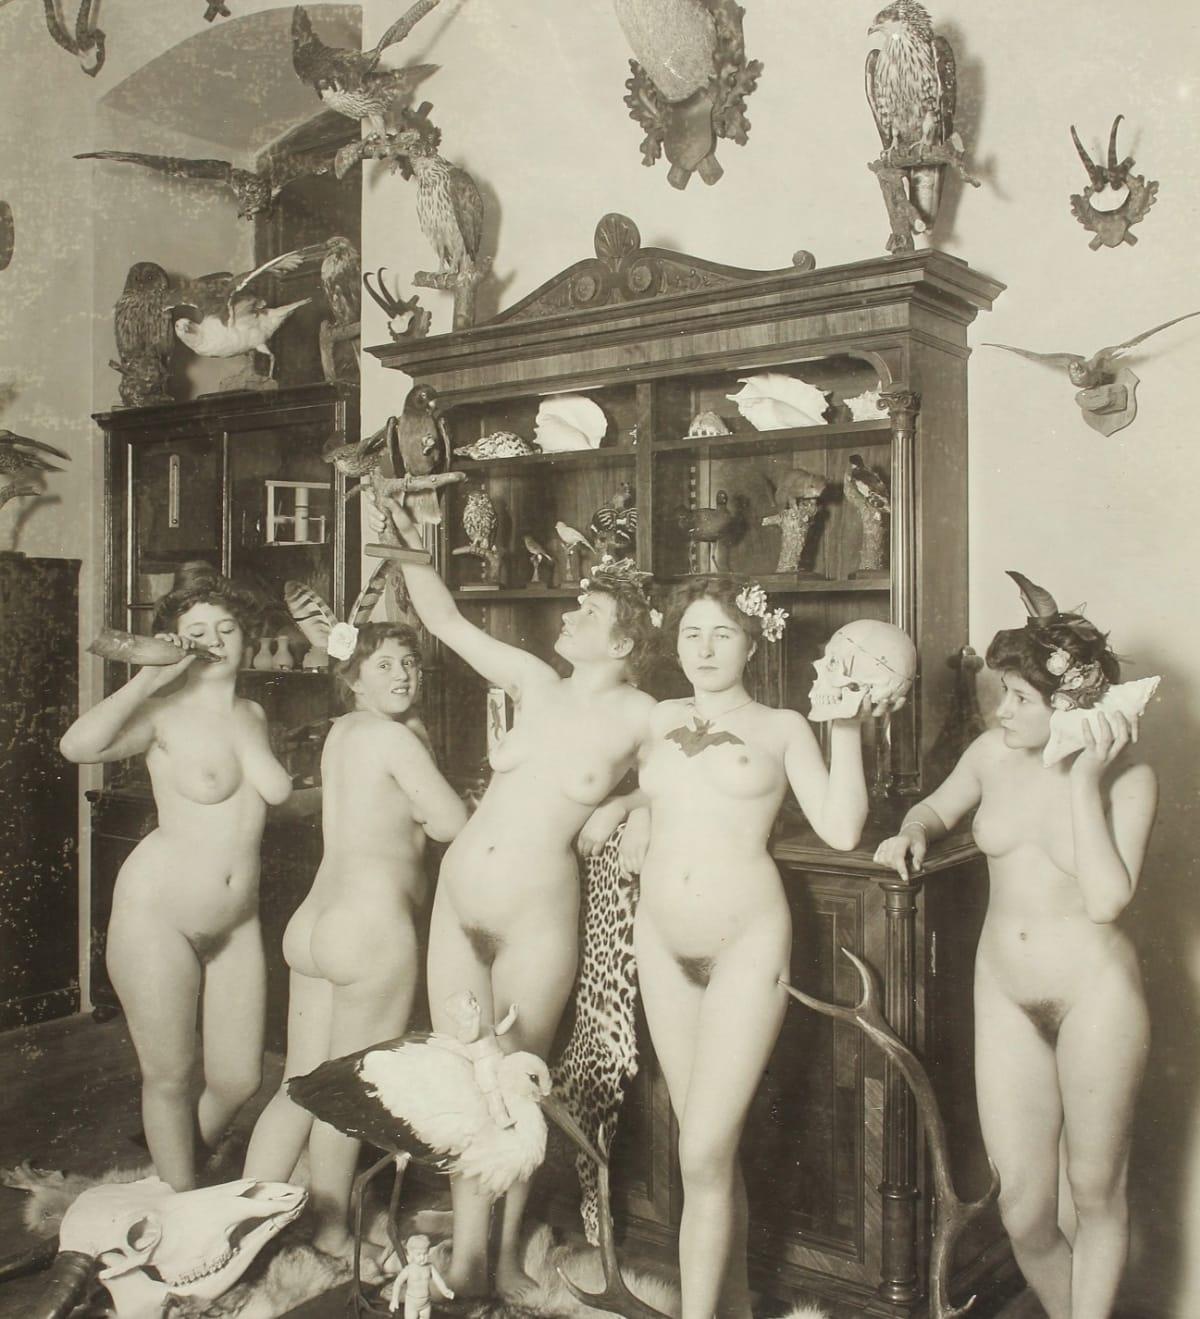 Am frau arbeiten nackt Nackte Frauen